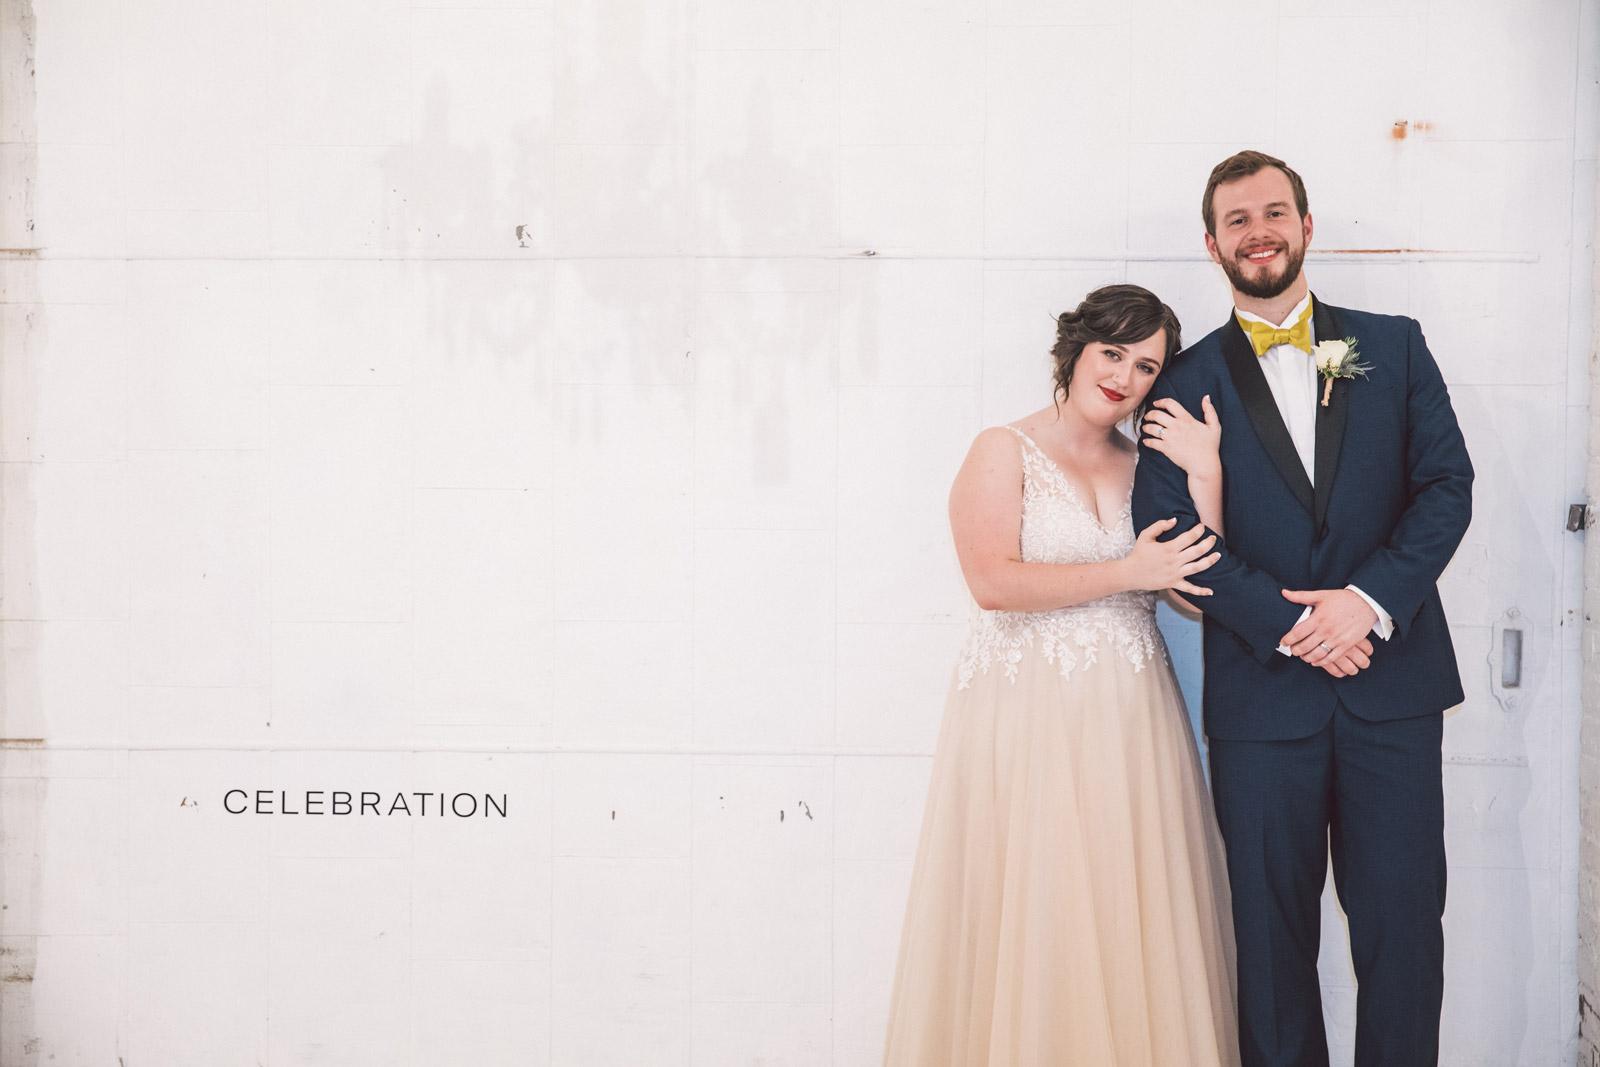 Atlanta Wedding Photographers.Affordable Creative Wedding Photography Atlanta Ga Gemini And